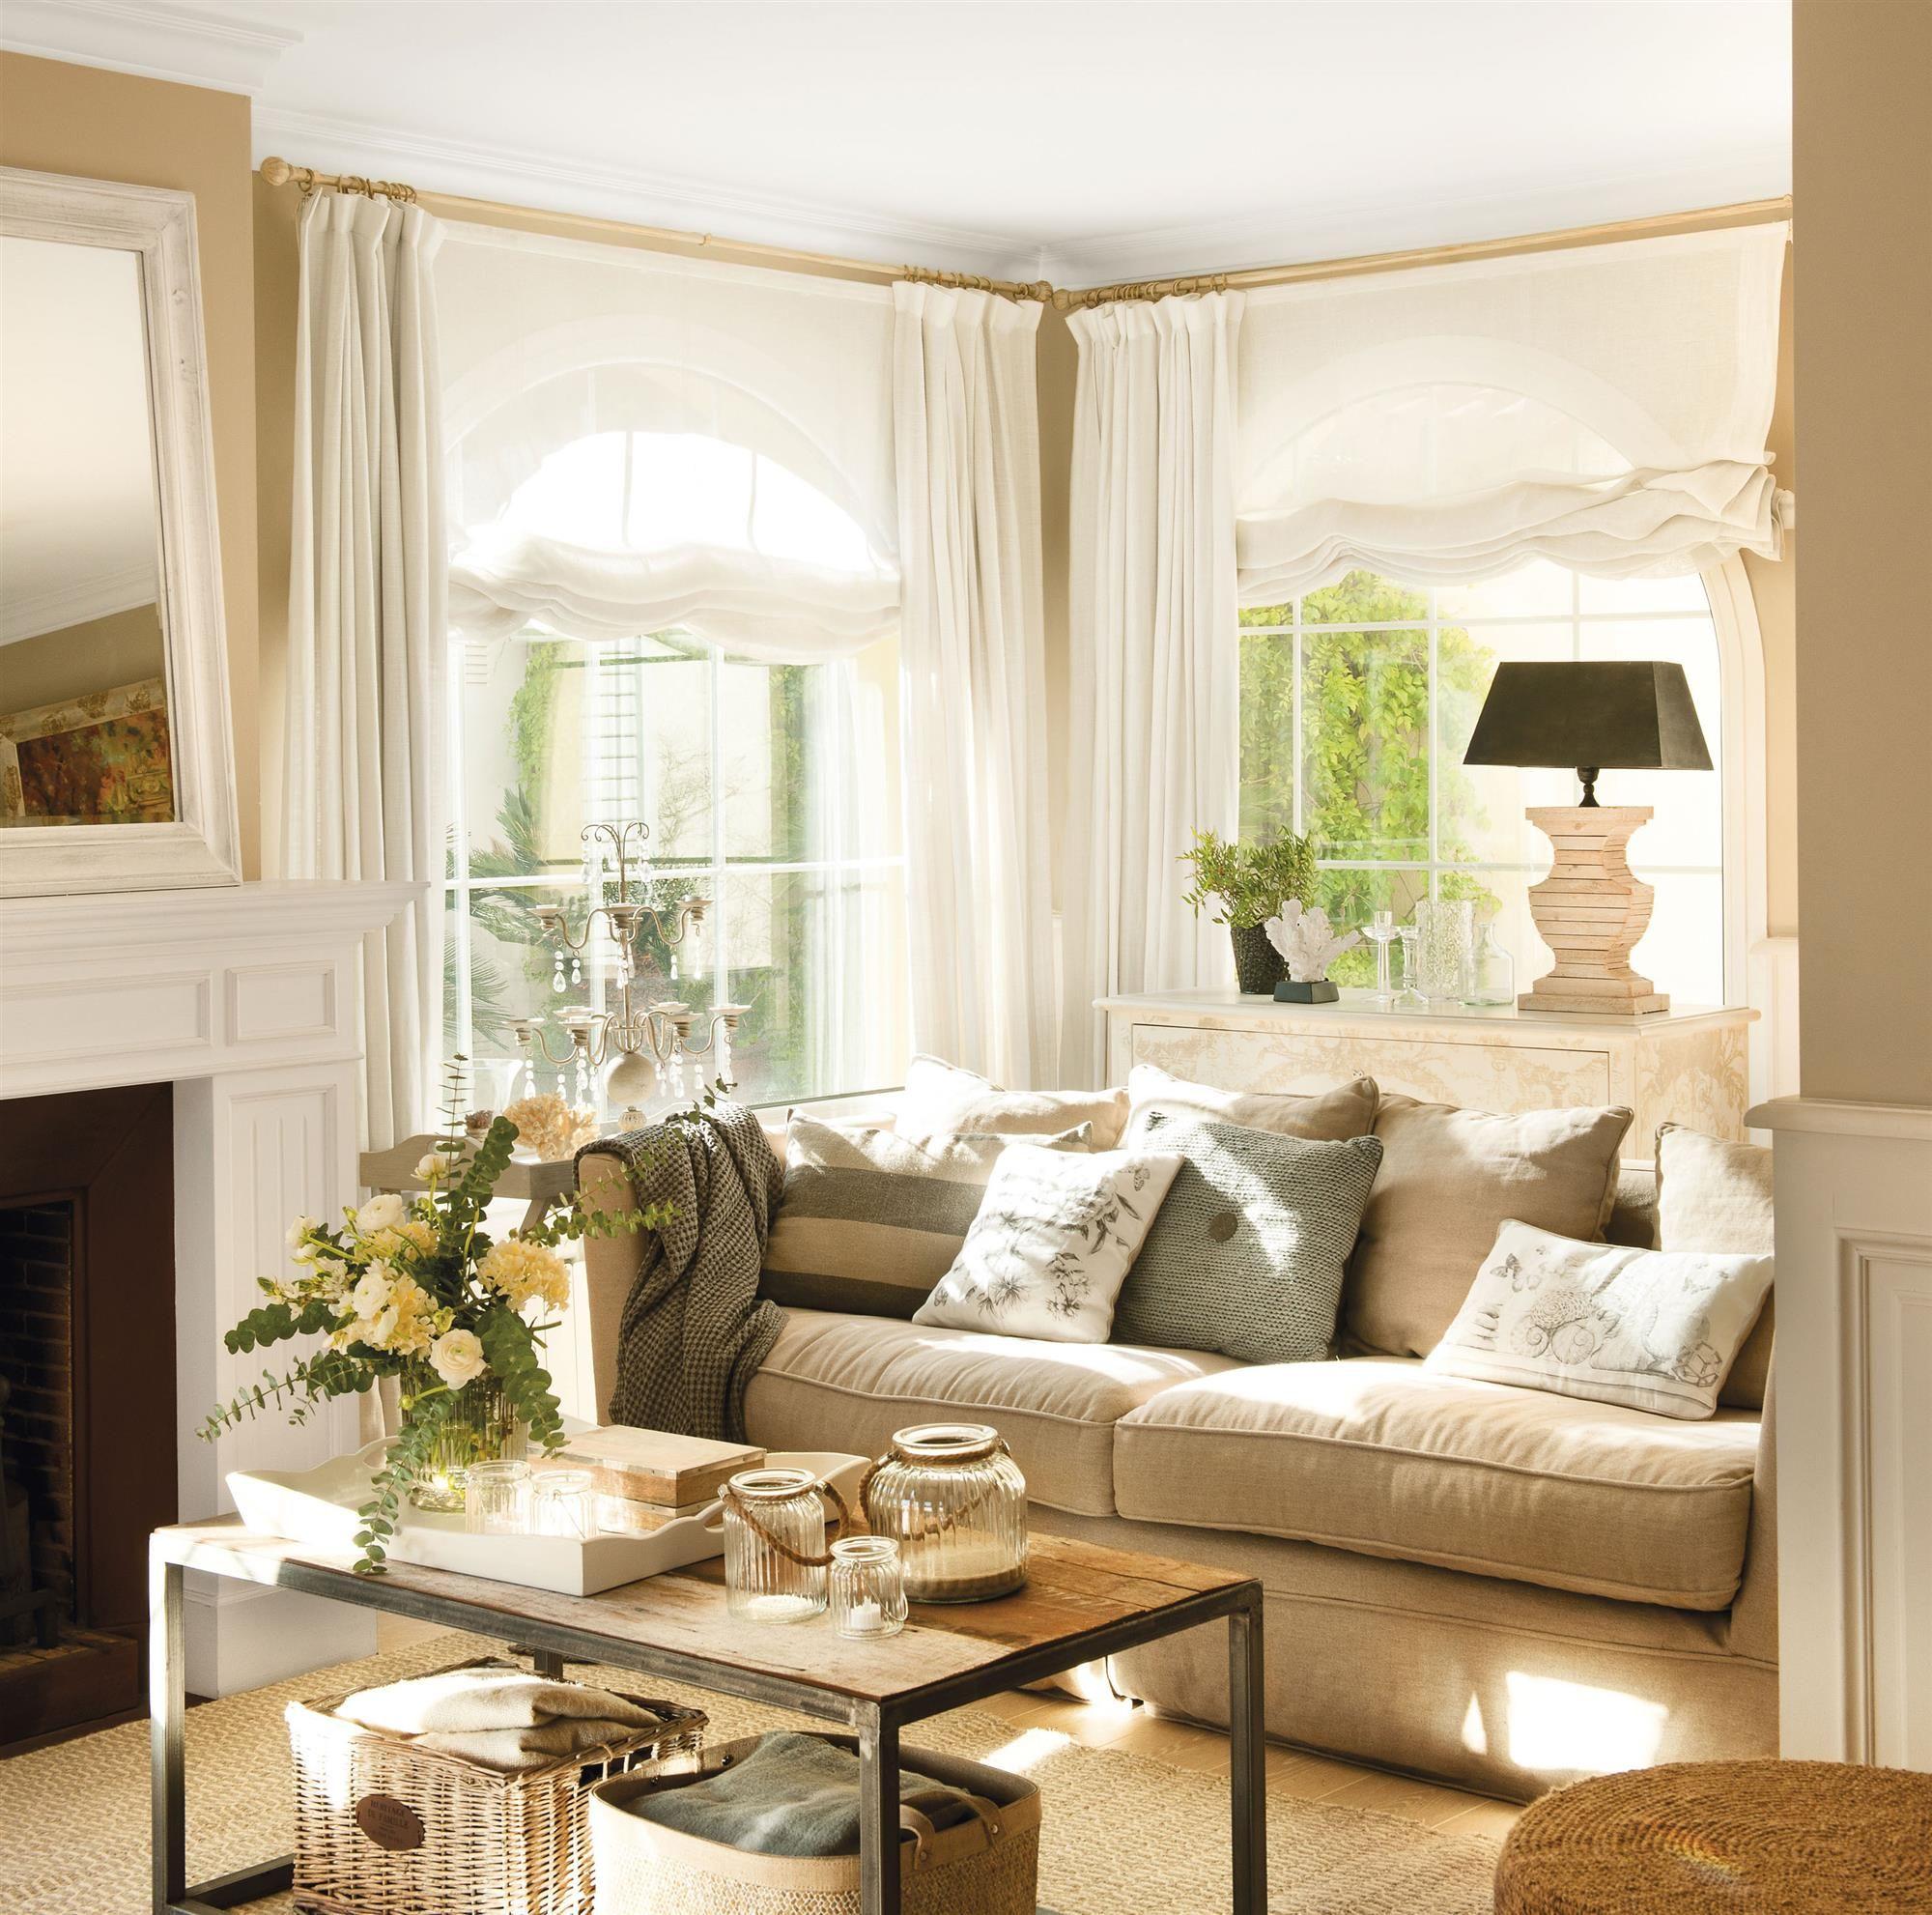 Elige y acierta las cortinas ideales para tu casa for Cortinas para salon clasico